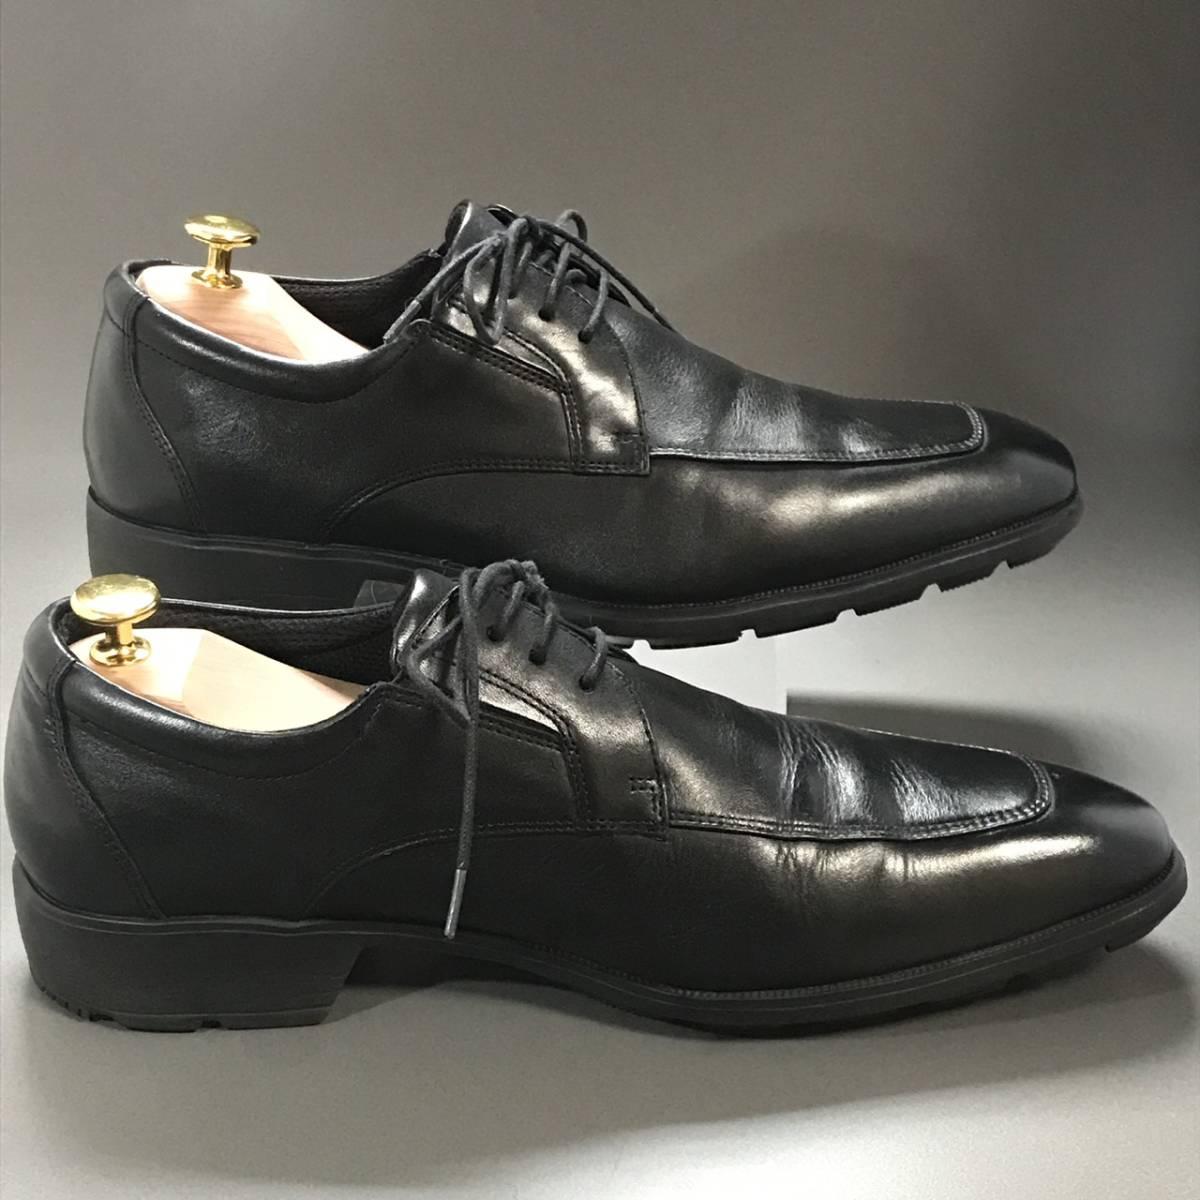 ☆ texcy luxe アシックス商事 TEXCY LUXE 本革軽量 Uチップ ブラック 26.5㎝ テクシー ビジネスシューズ 革靴_画像5